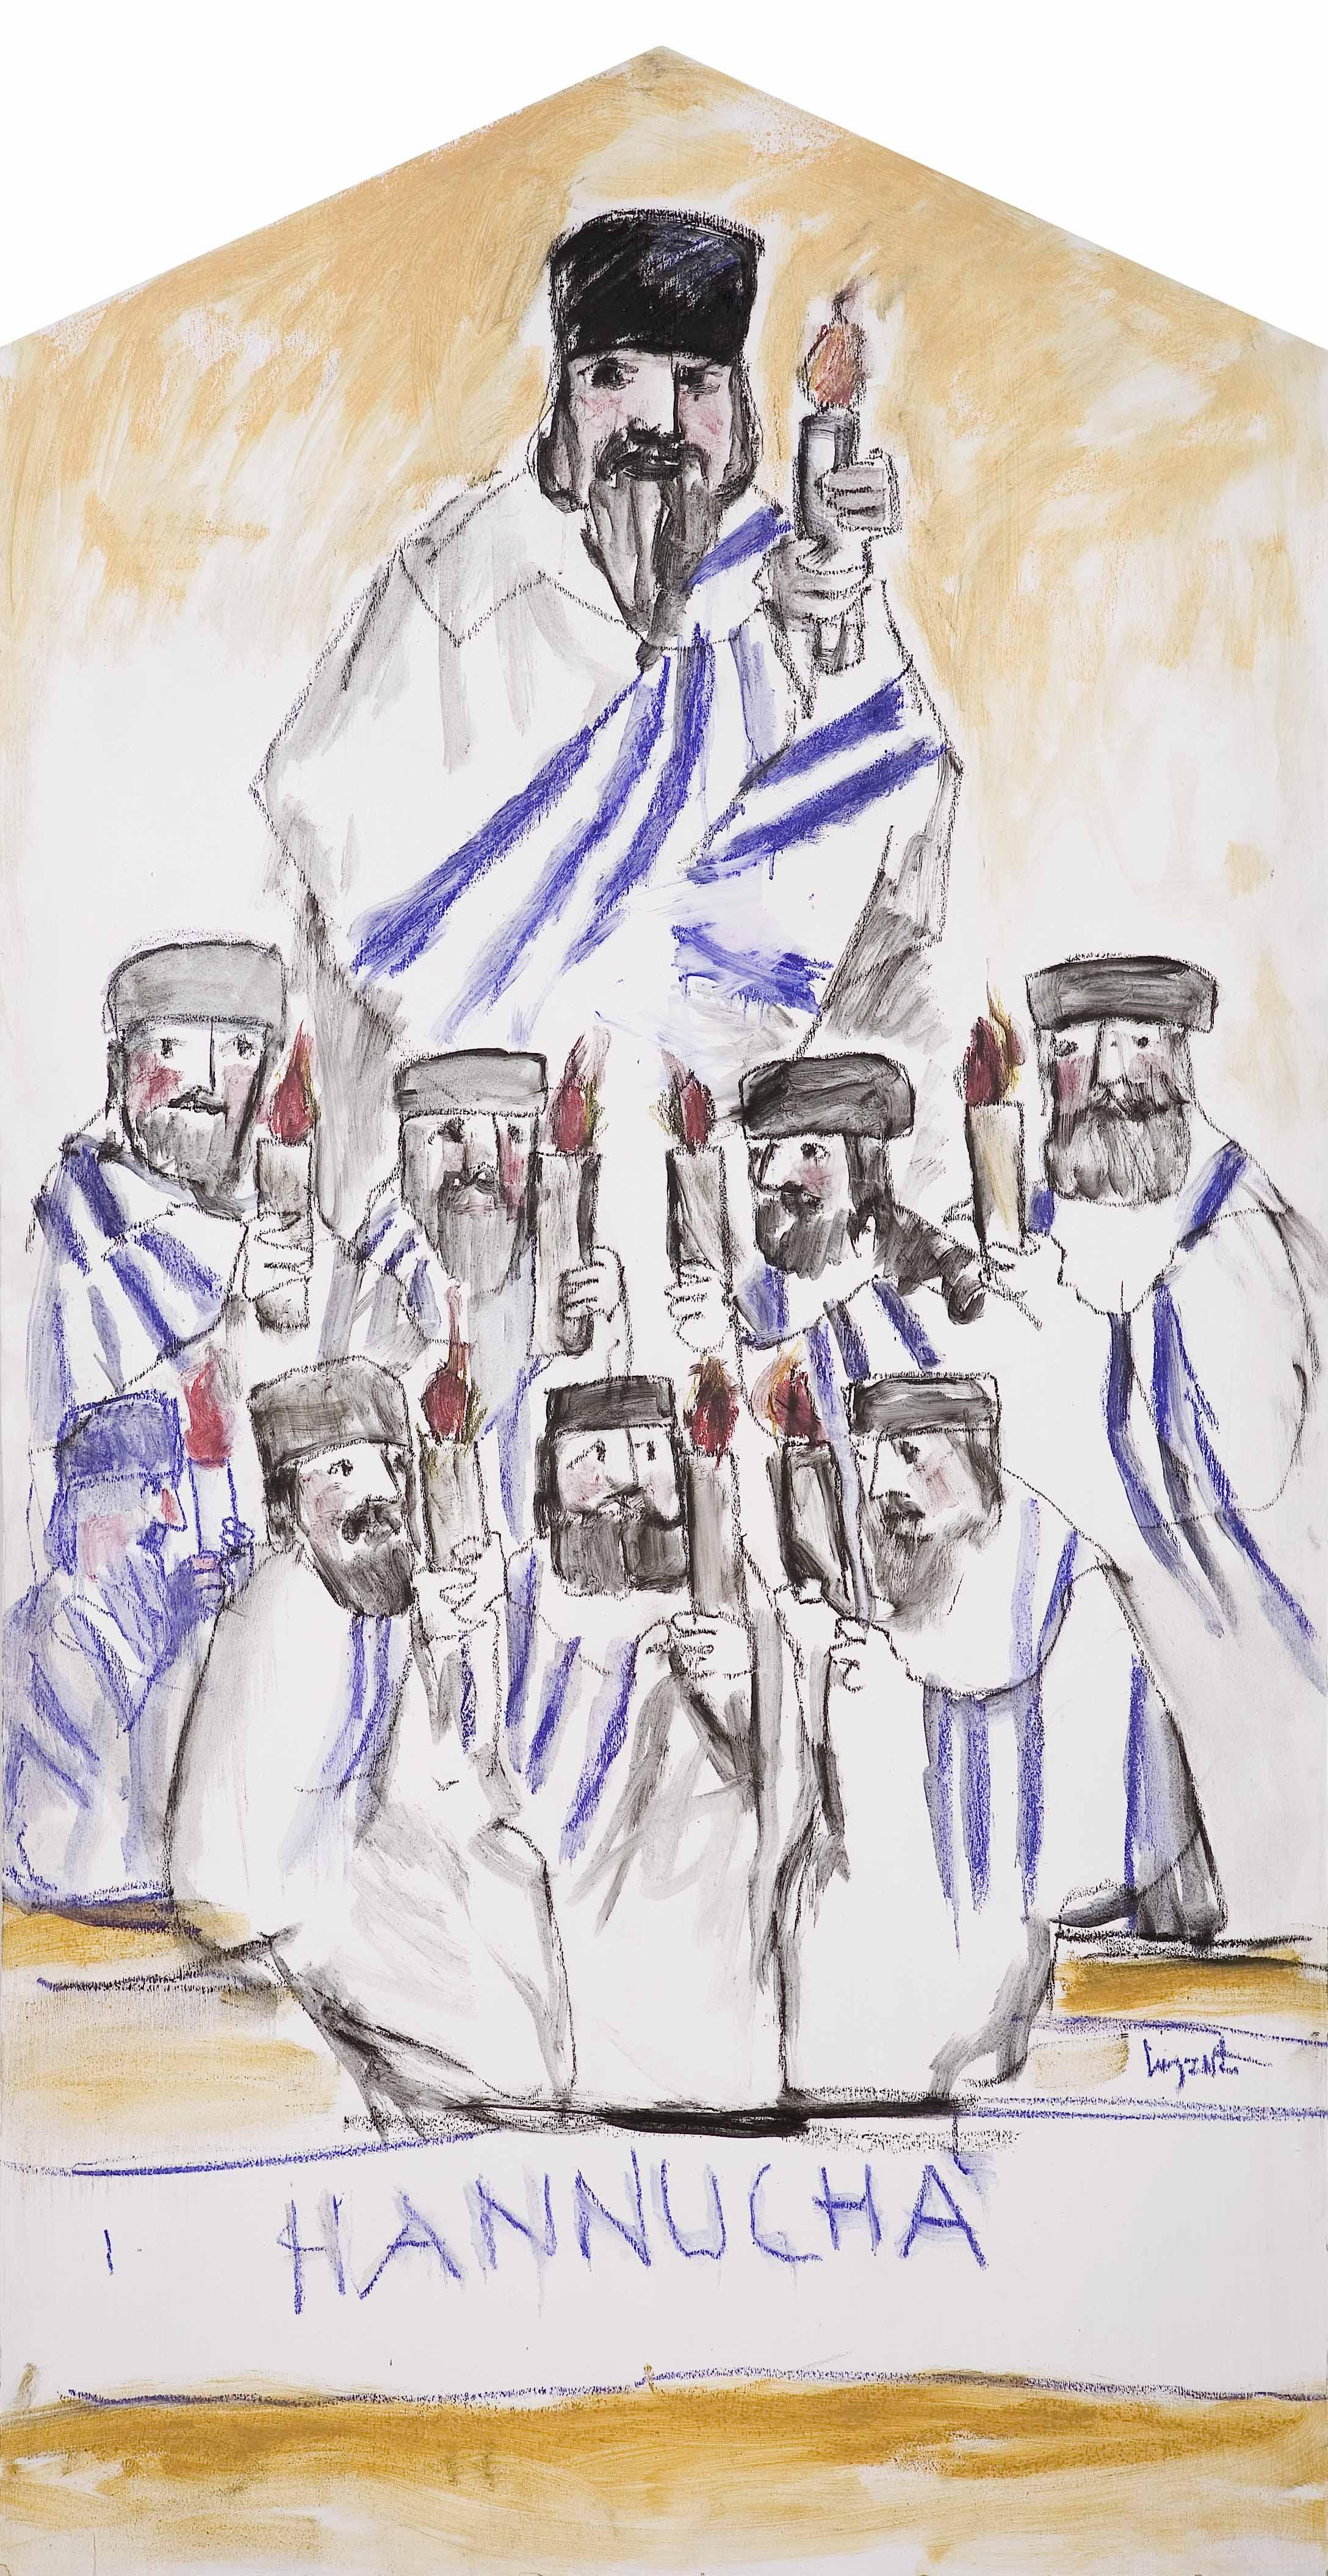 Chanukkah - Luzzati